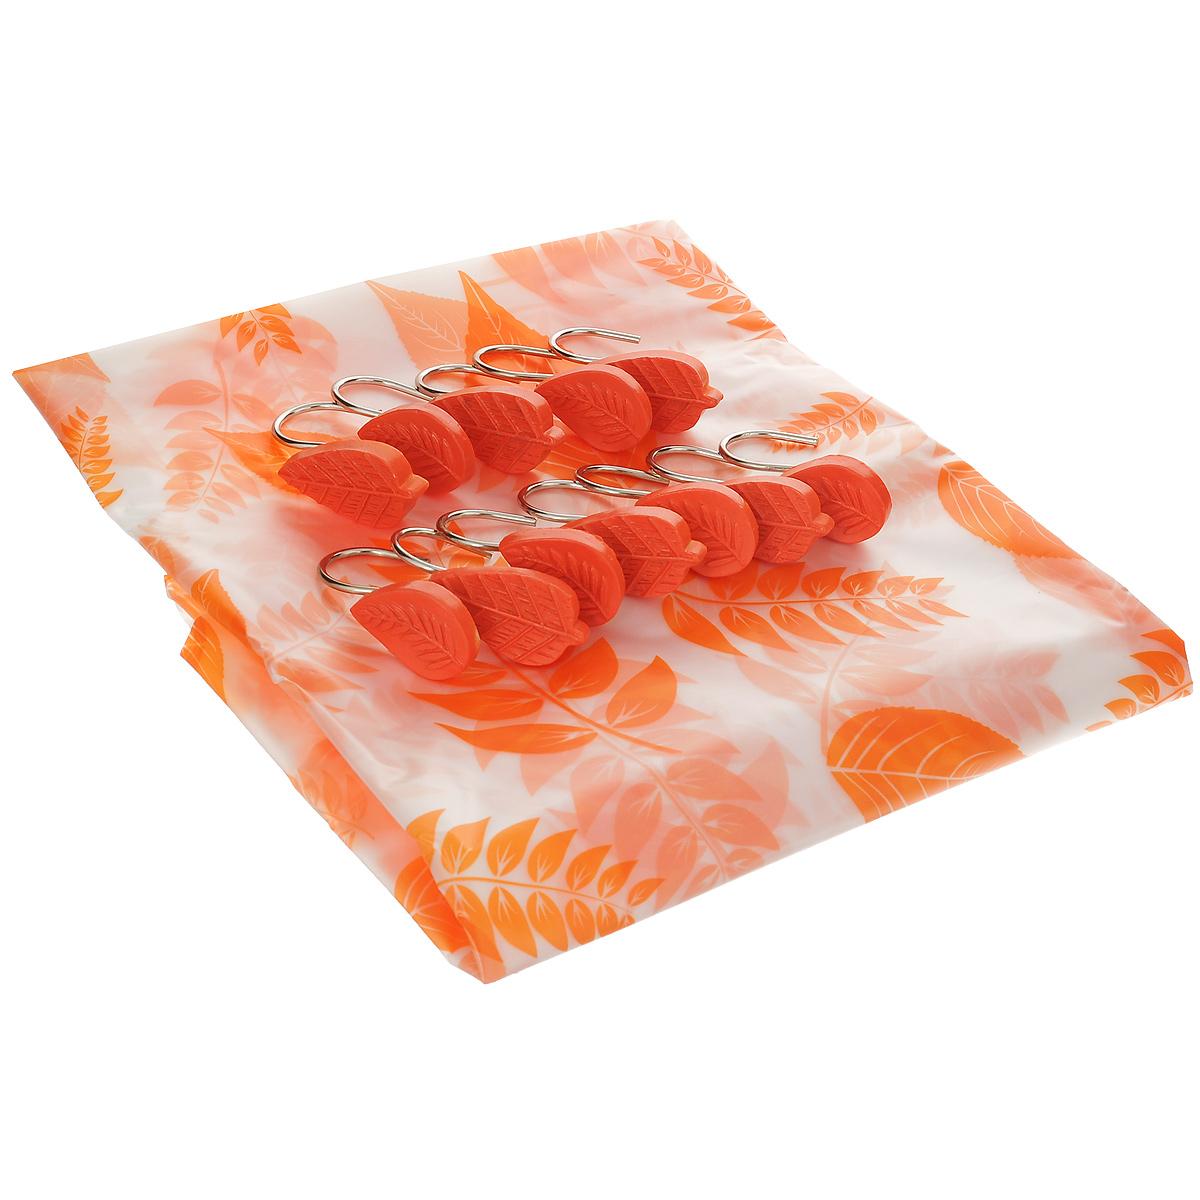 Штора для ванной комнаты House & Holder Листва, цвет: оранжевый, 180 х 180 смSWY076Штора для ванной комнаты House & Holder Листва изготовлена из полимера с водоотталкивающим покрытием, оформлена ярким красочным изображением. Такая штора легко стирается и быстро сохнет. В ее верхней кромке предусмотрены отверстия для крючков. Крючки, выполненные из металла, декорированы объемными фигурками. Количество крючков: 12 шт.